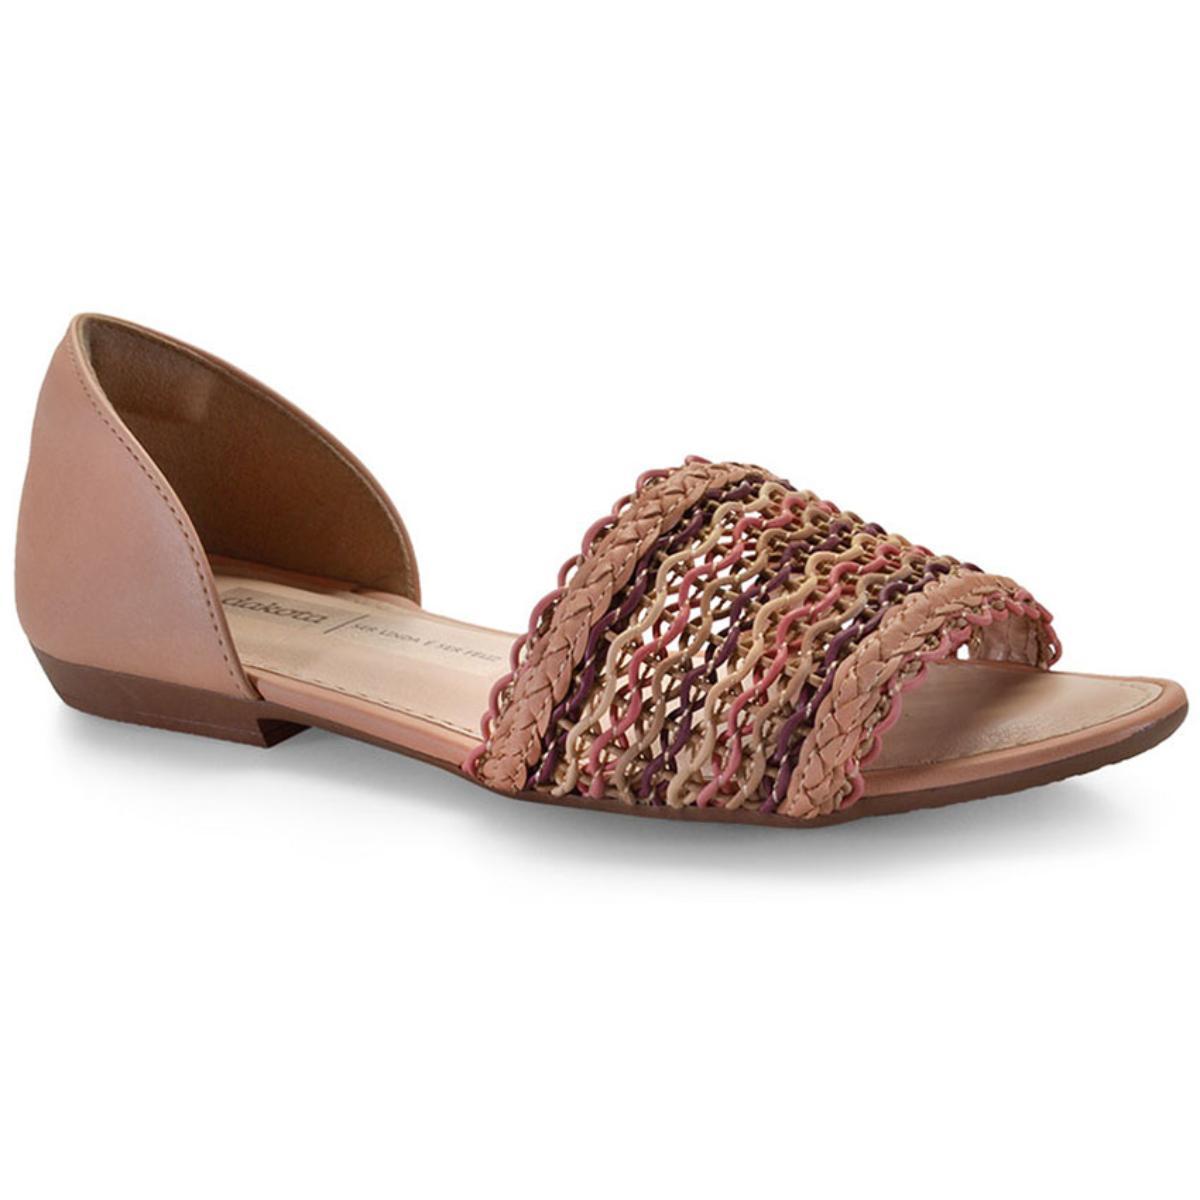 Sandália Feminina Dakota Z5474 Peach